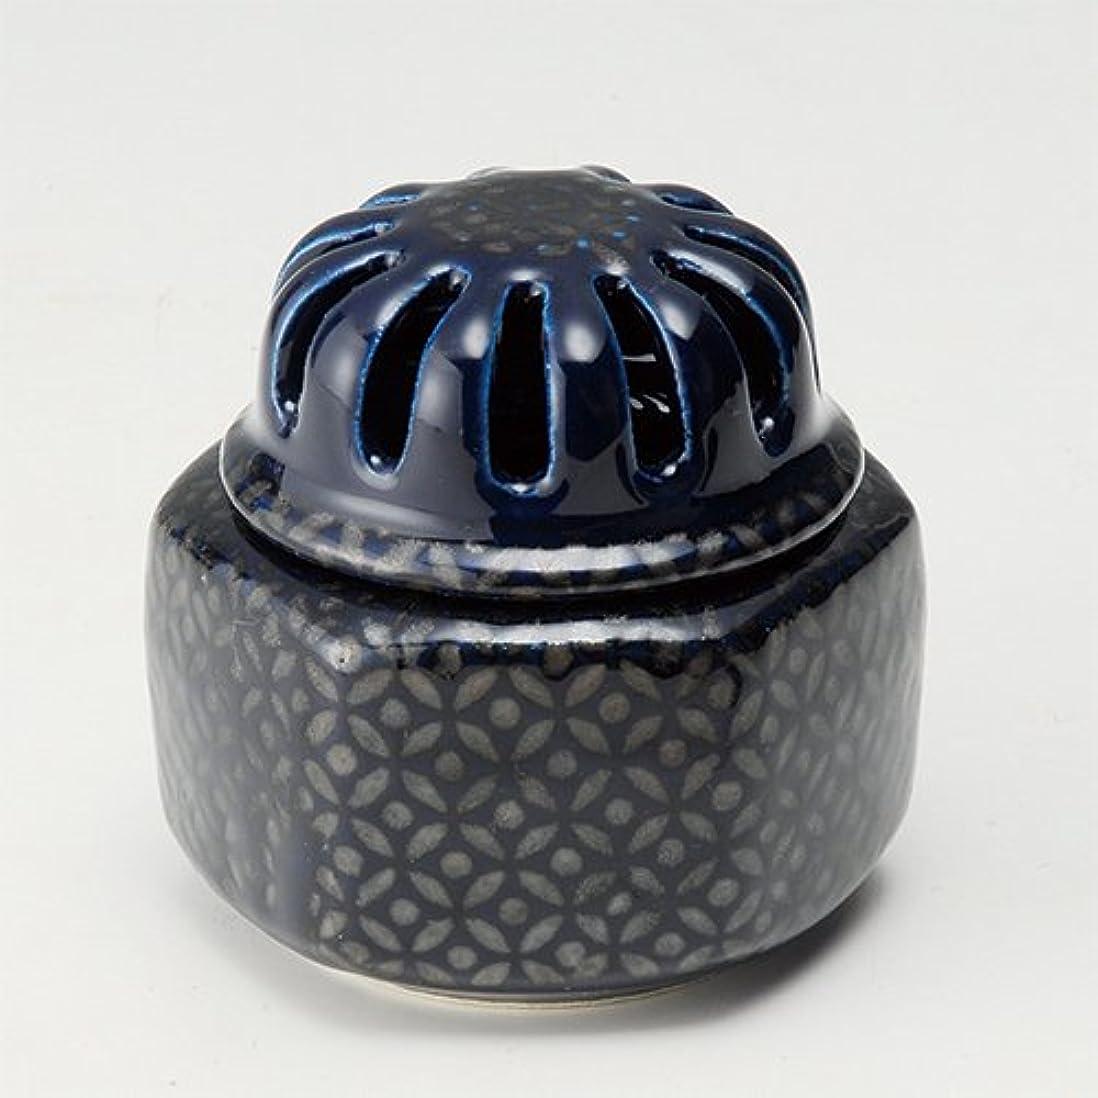 判定バナー難しい香炉 瑠璃七宝 福香炉 [R8.8xH8.7cm] プレゼント ギフト 和食器 かわいい インテリア